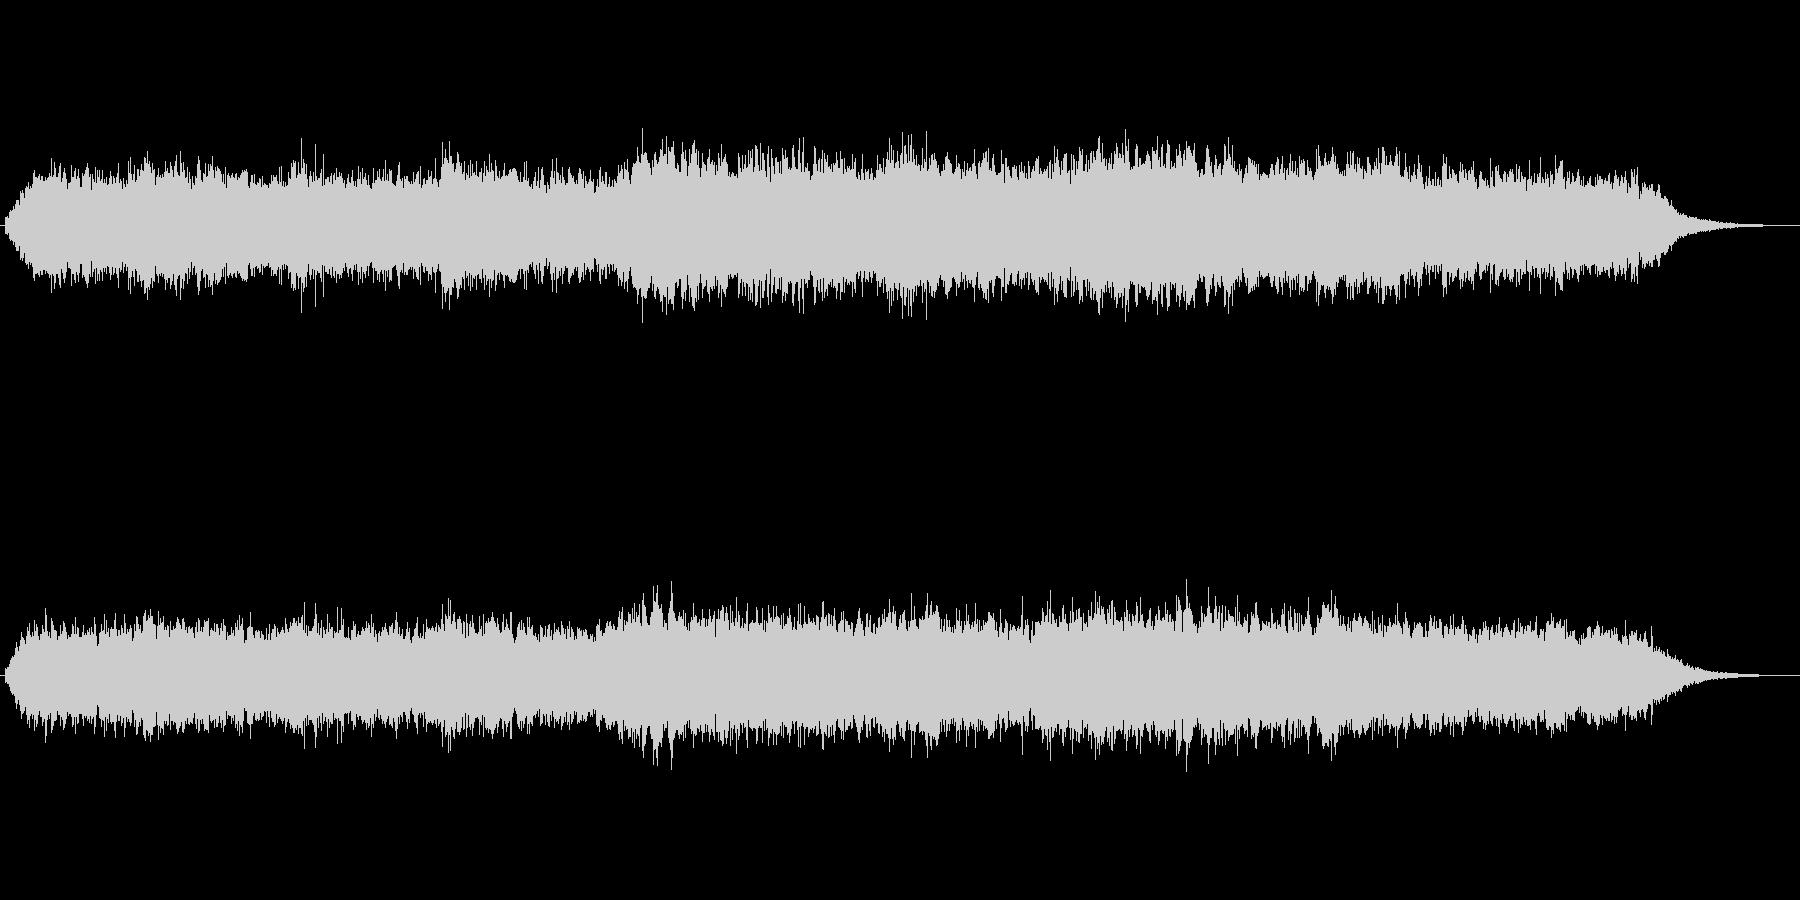 シンセパッドによる幻想的なジングル4の未再生の波形